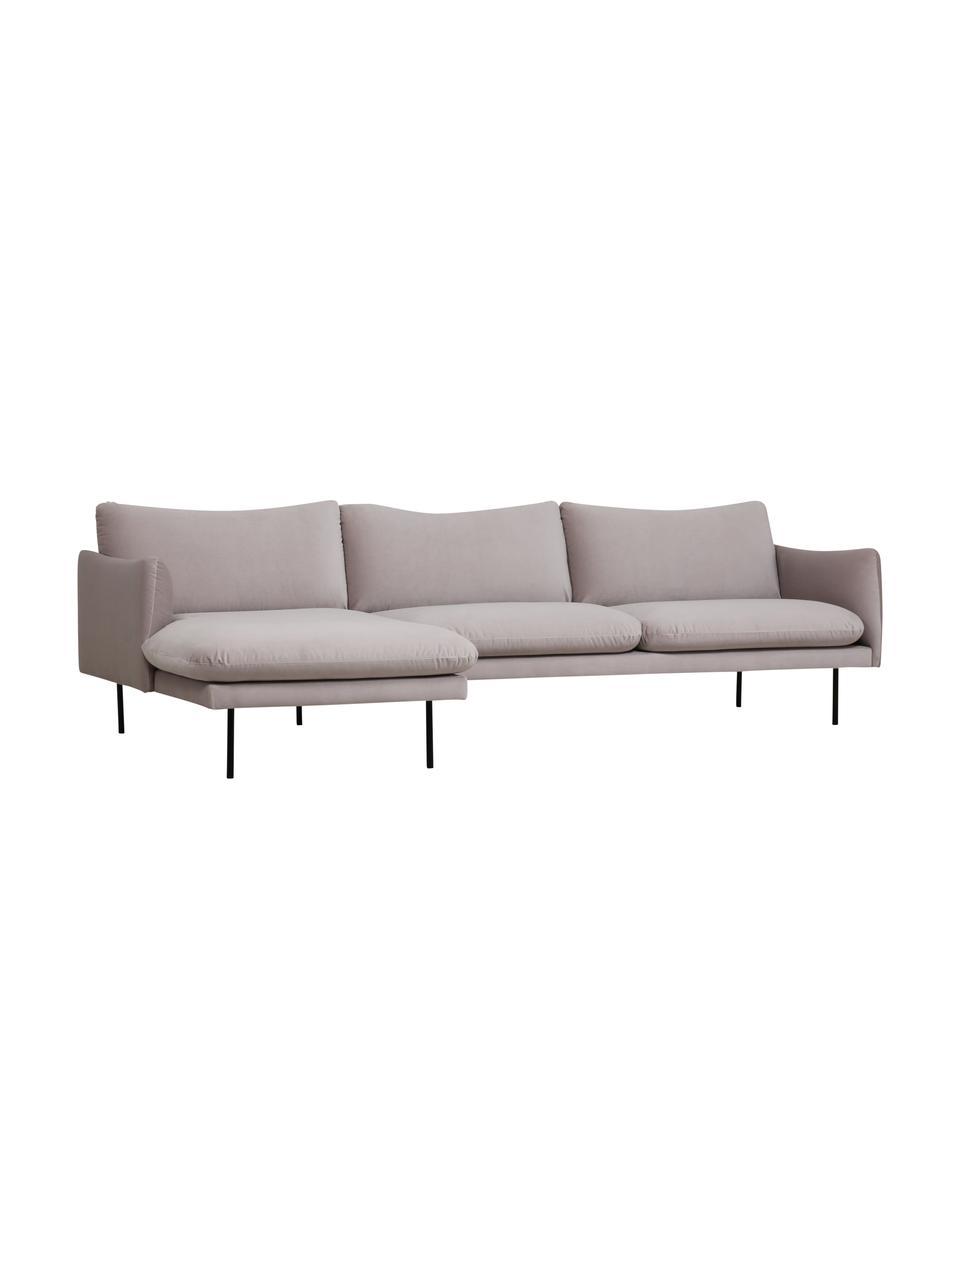 Canapé d'angle en velours taupe avec pieds en métal Moby, Velours beige